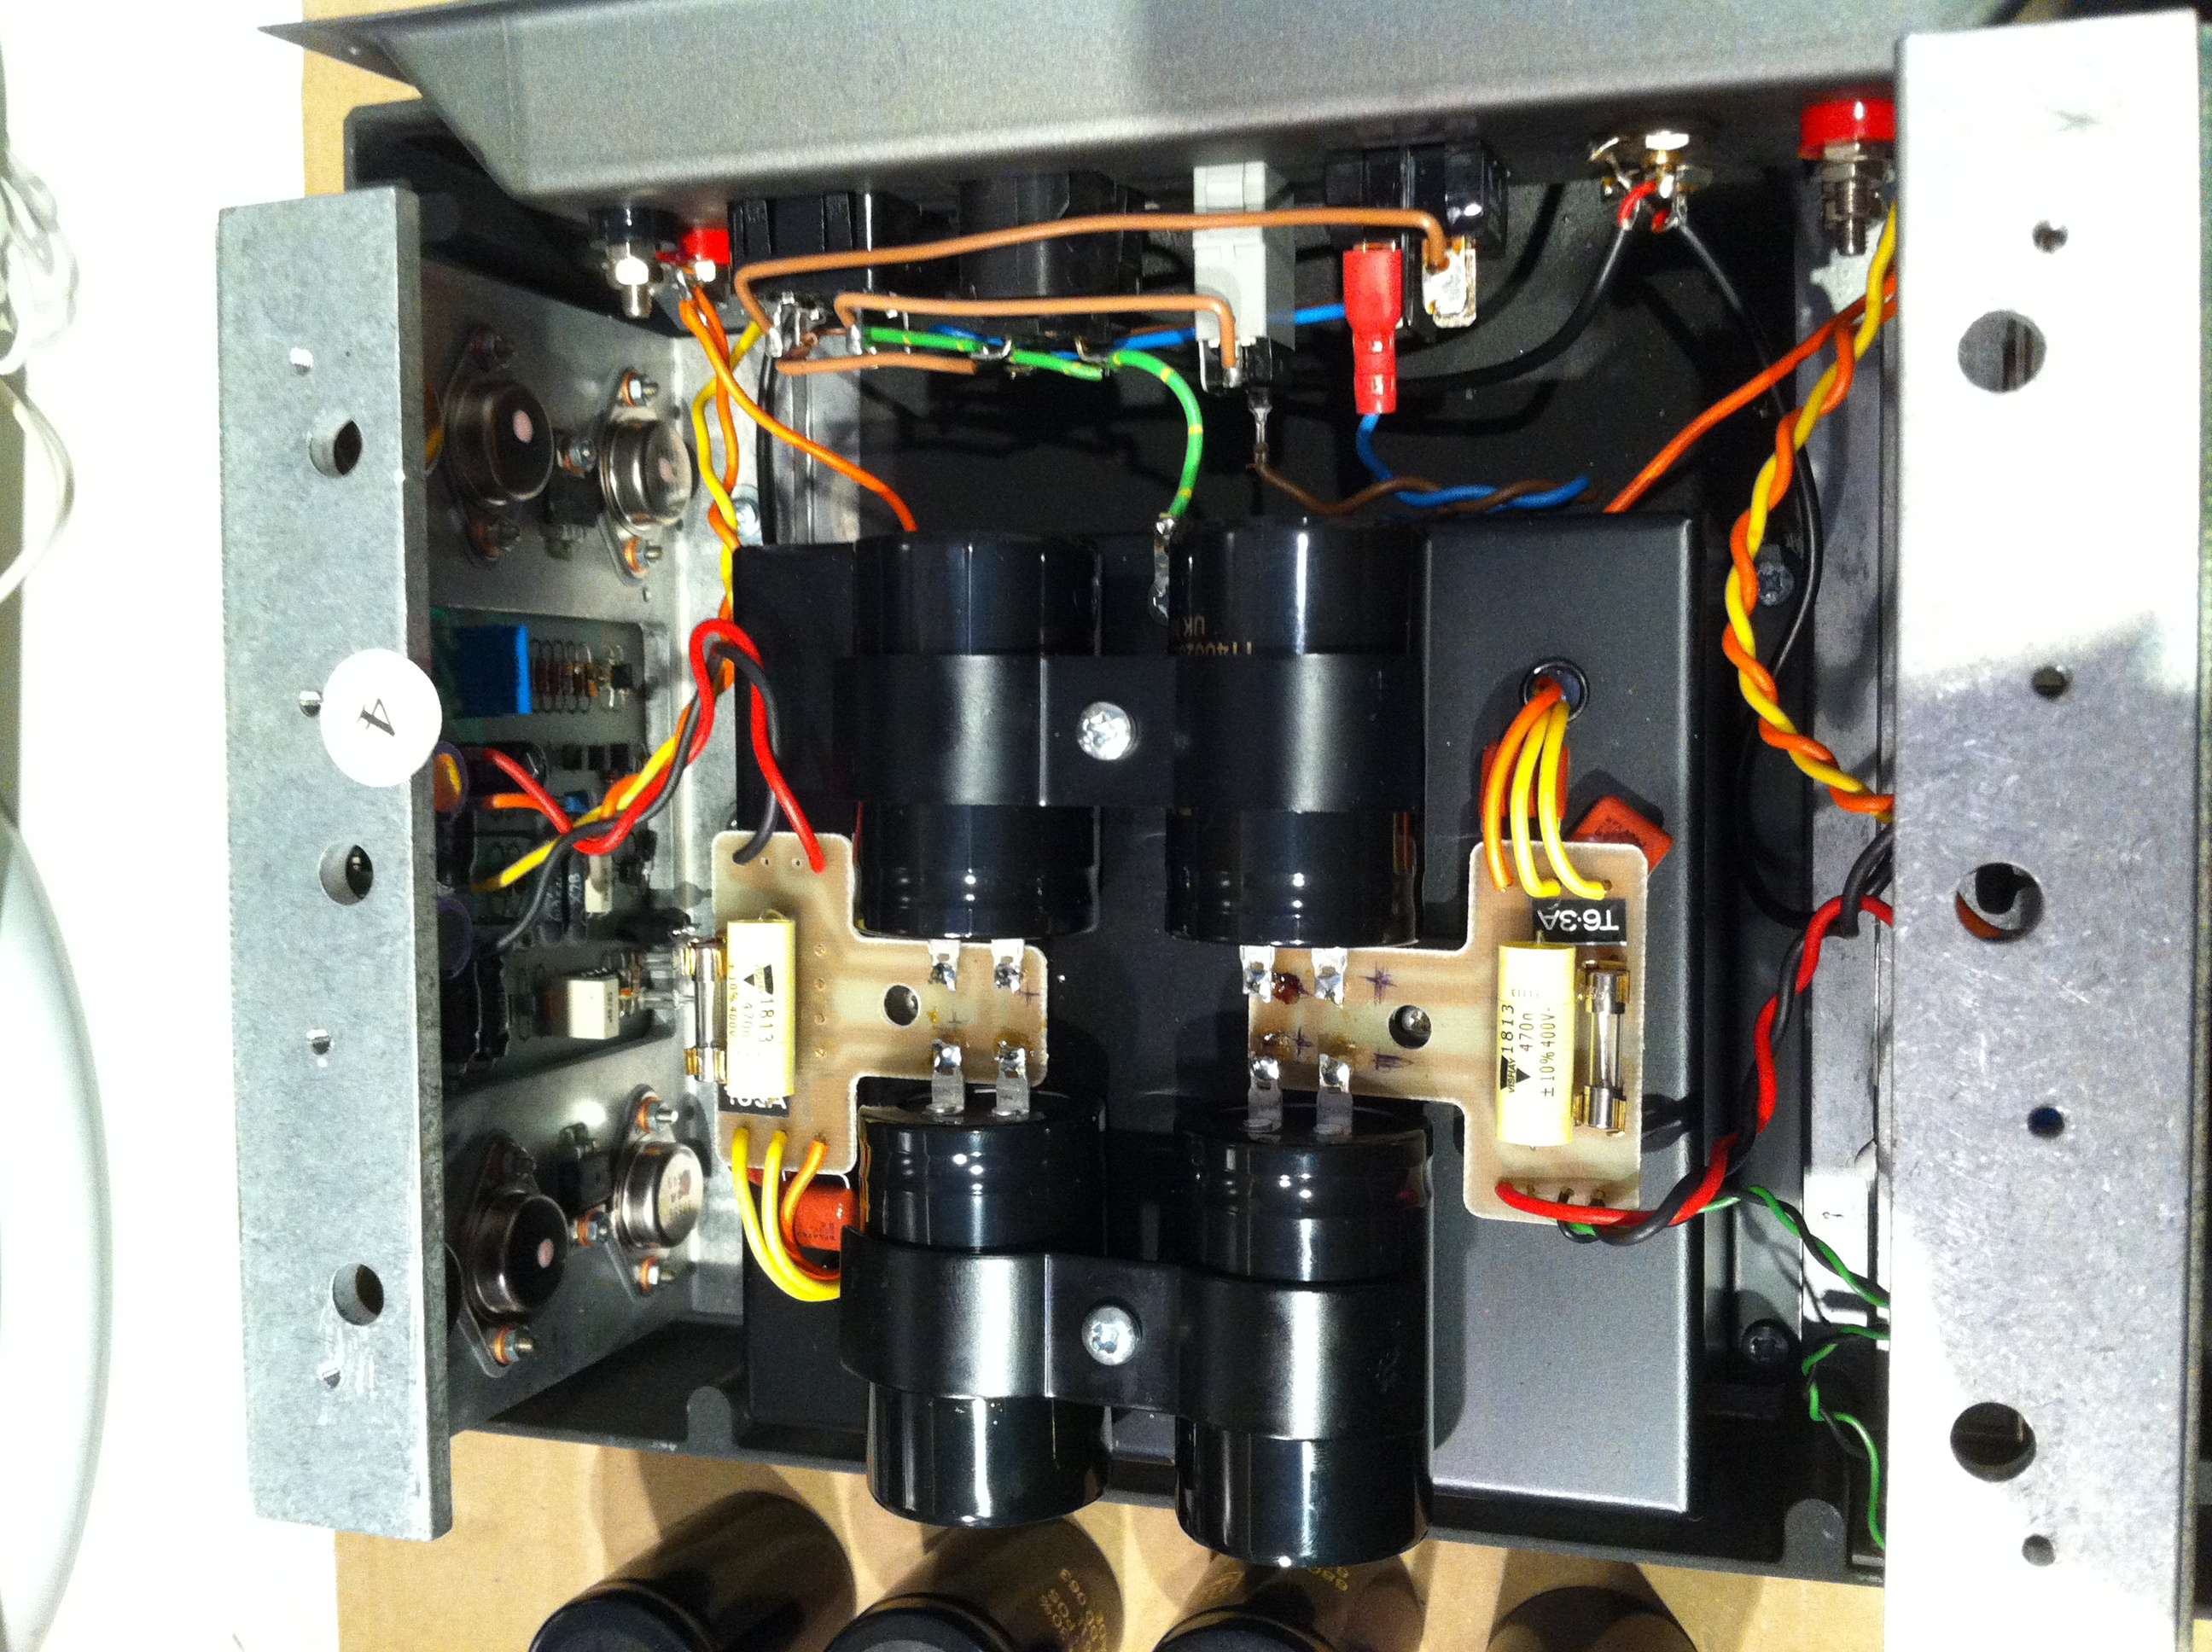 Etapa Quad 606. Revisión/Reparación fuente alimentación. Img1493dp